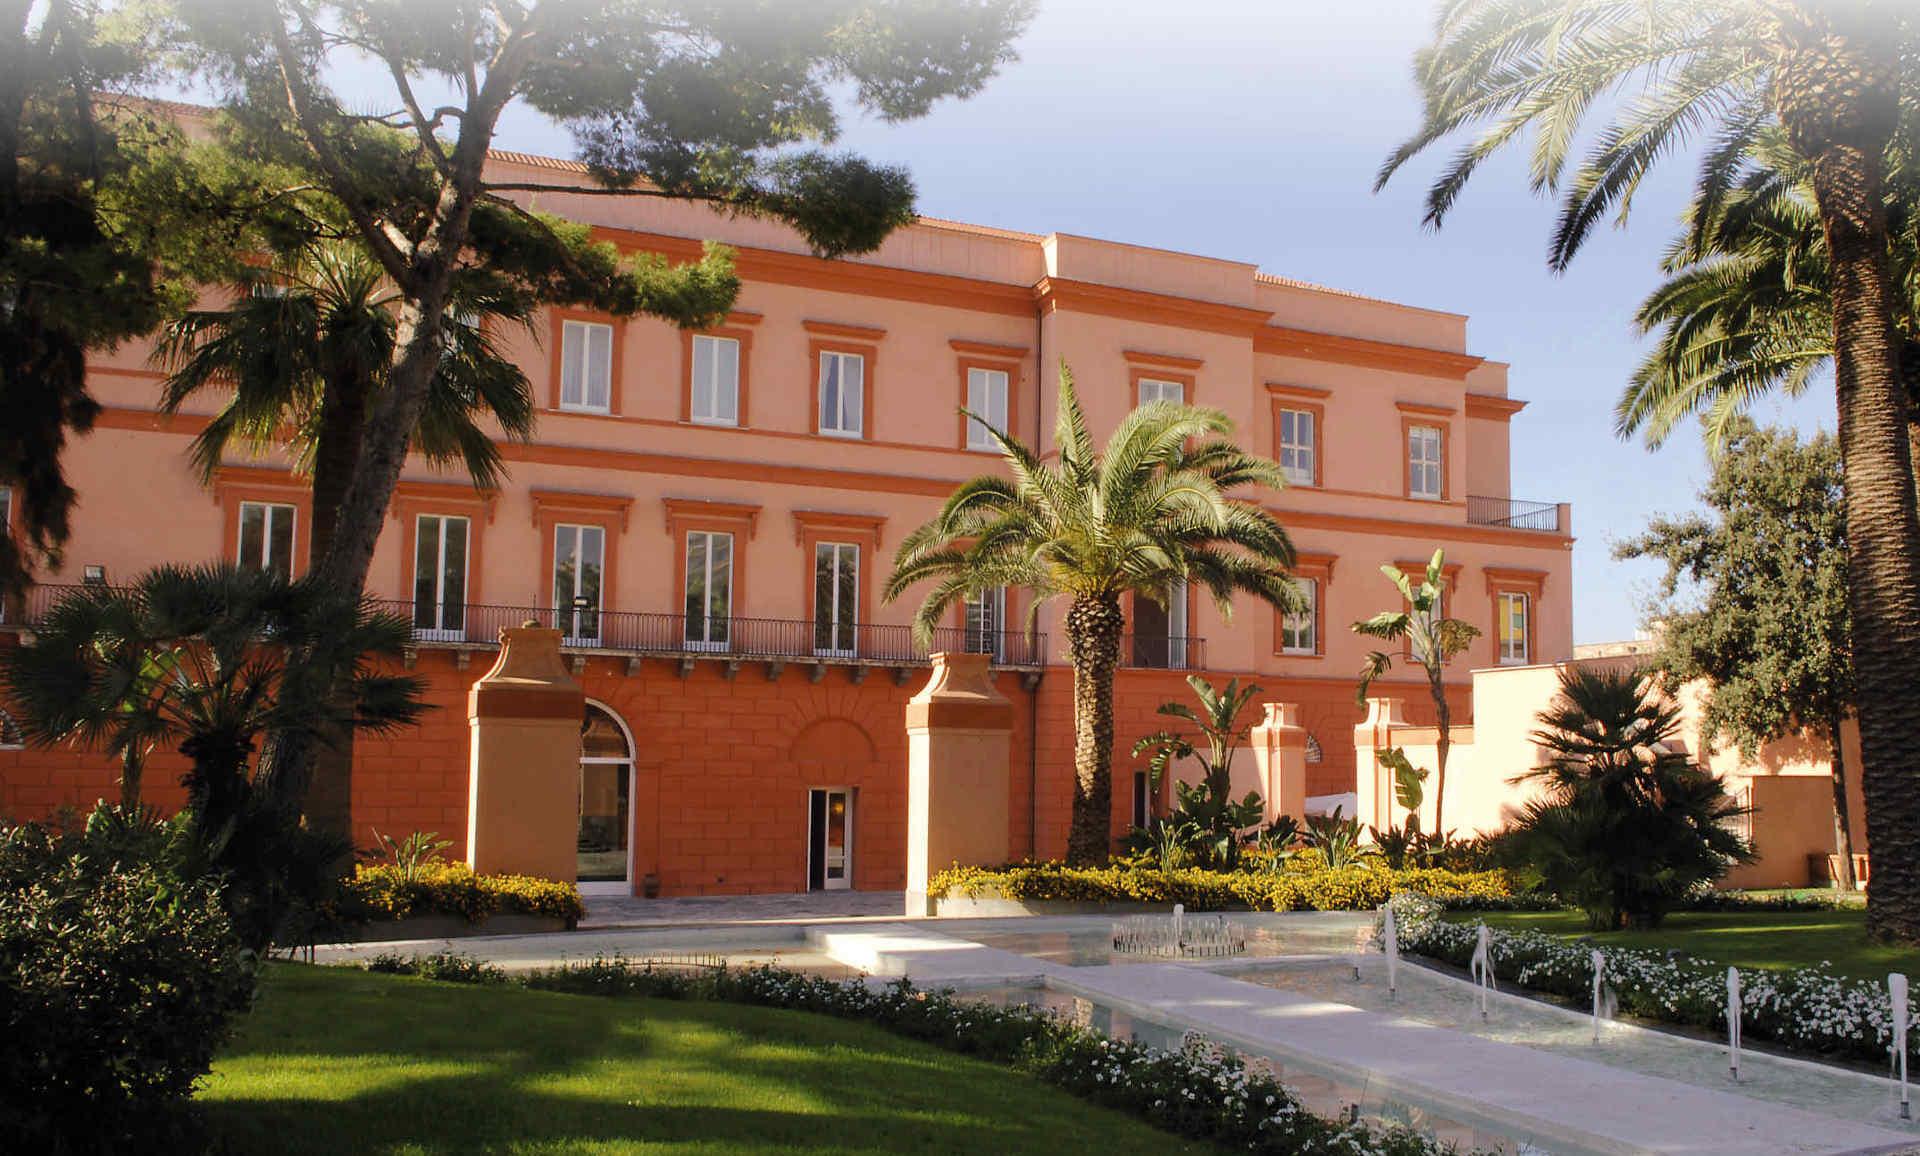 Park Hotel Ercolano